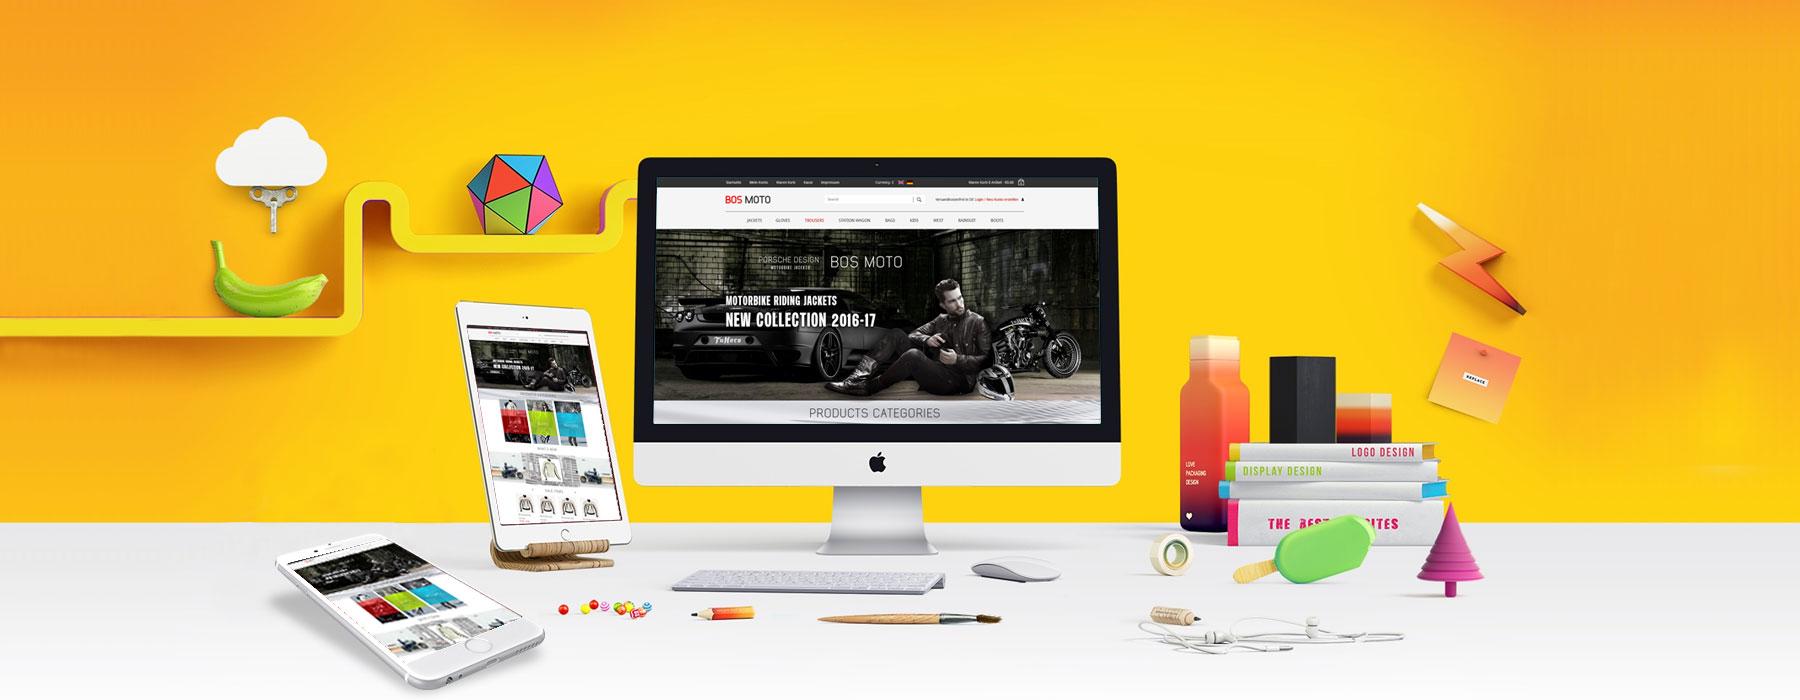 Website Design & Development in coimbatore